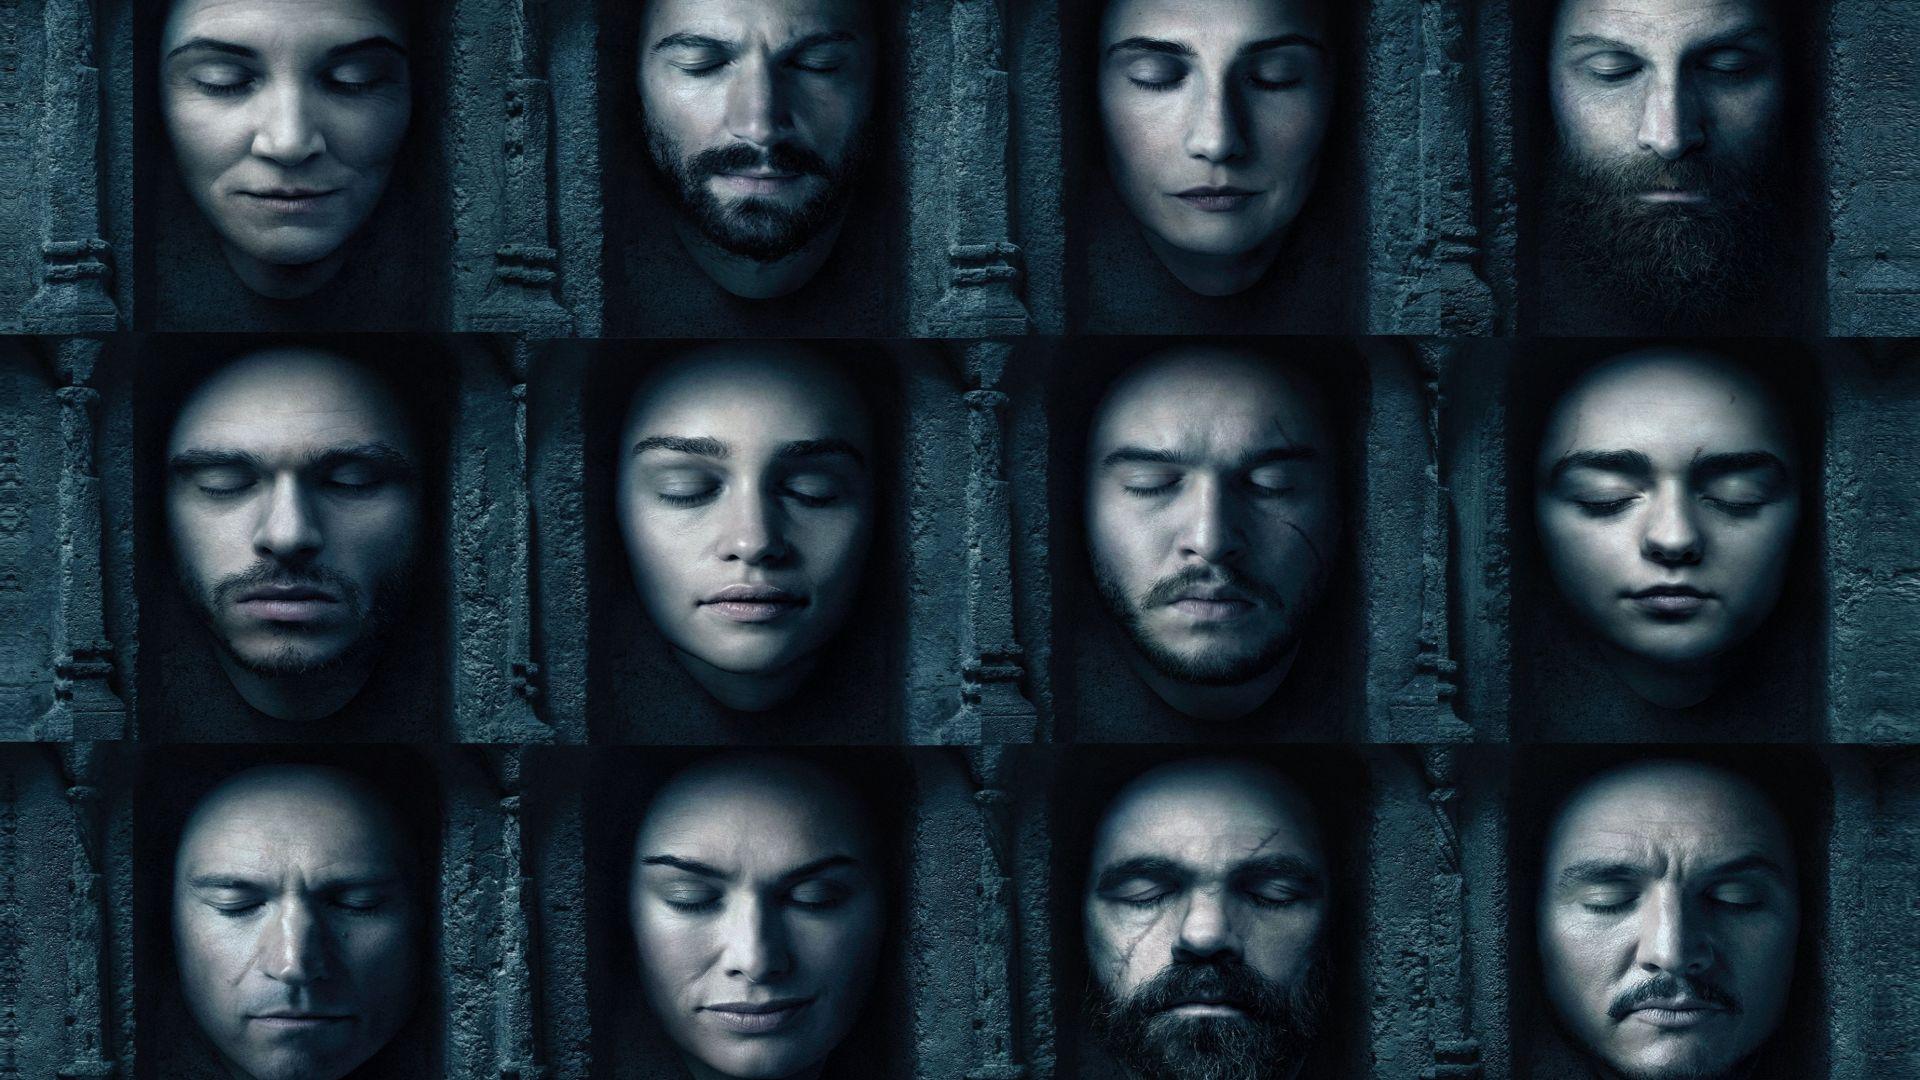 Game of Thrones (TV Series 2011– ) - Full Cast & Crew - IMDb